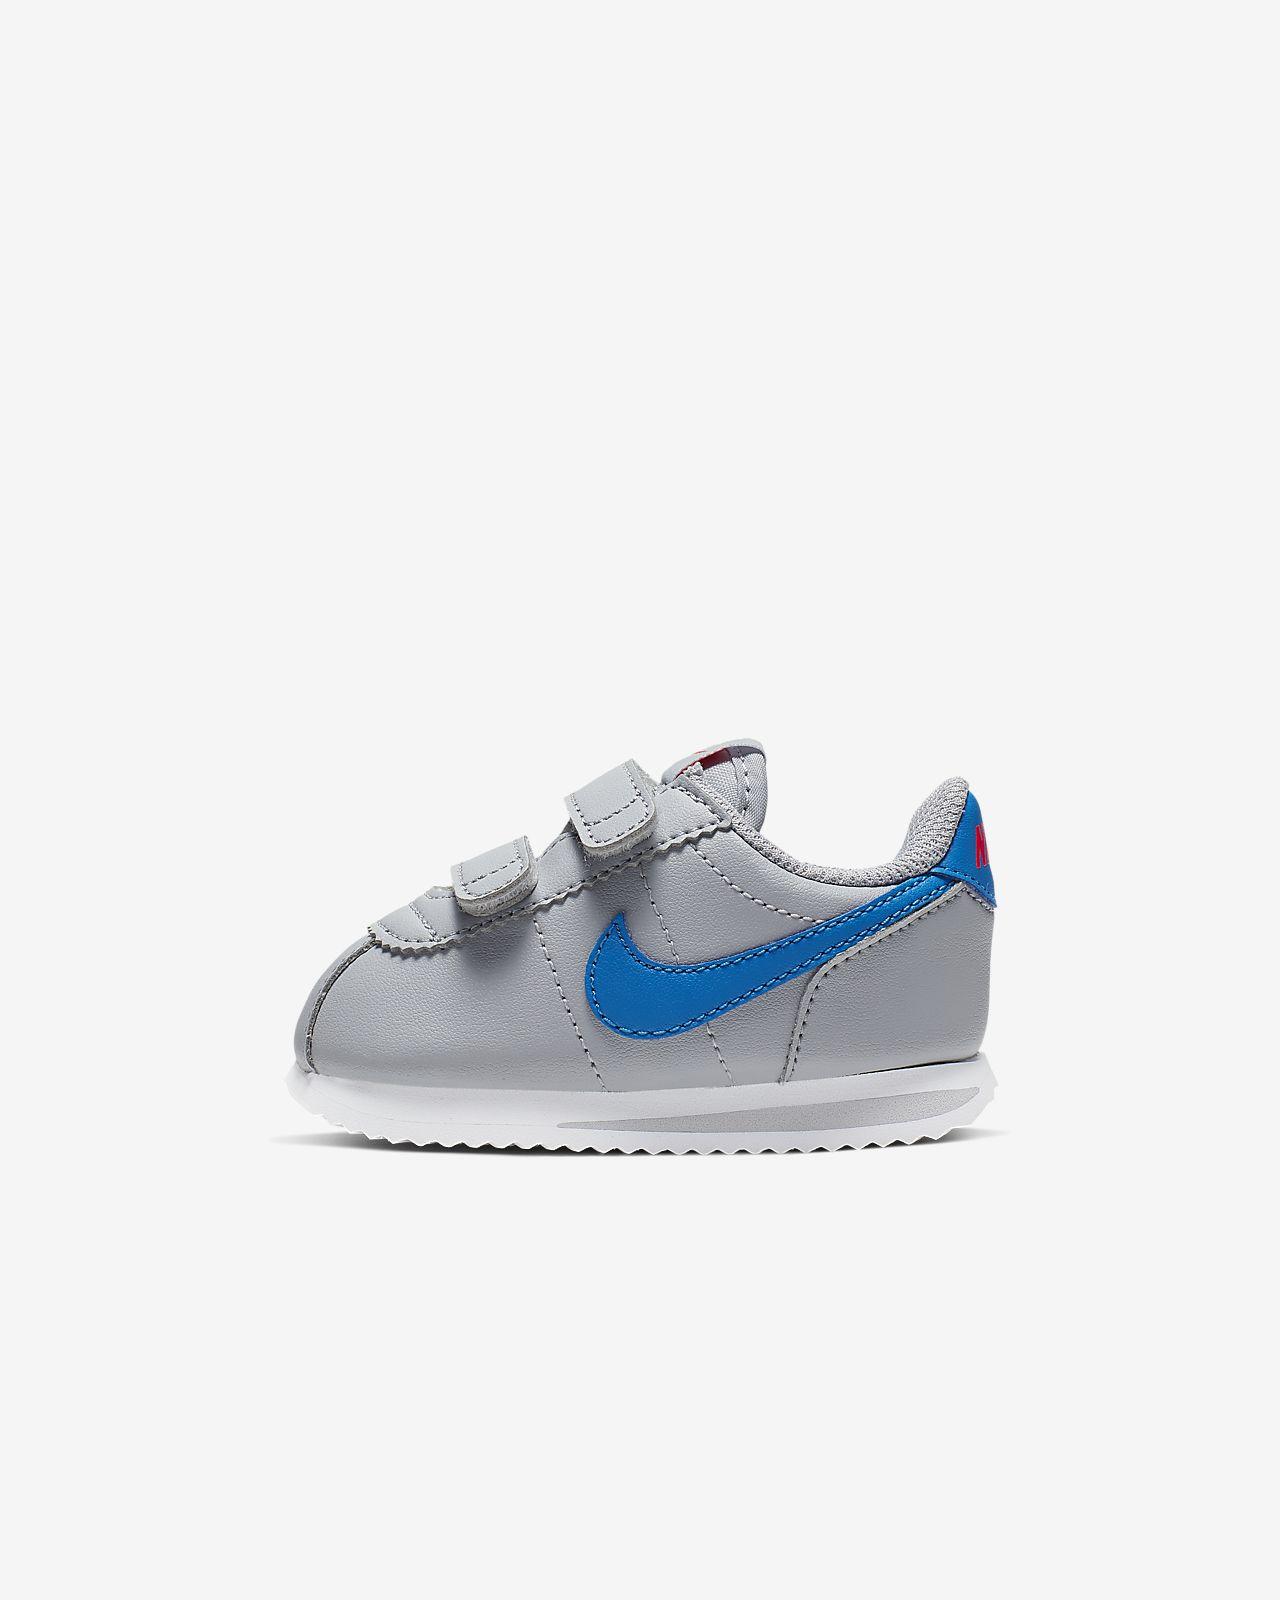 Chaussure Nike Cortez Basic SL pour BébéPetit enfant